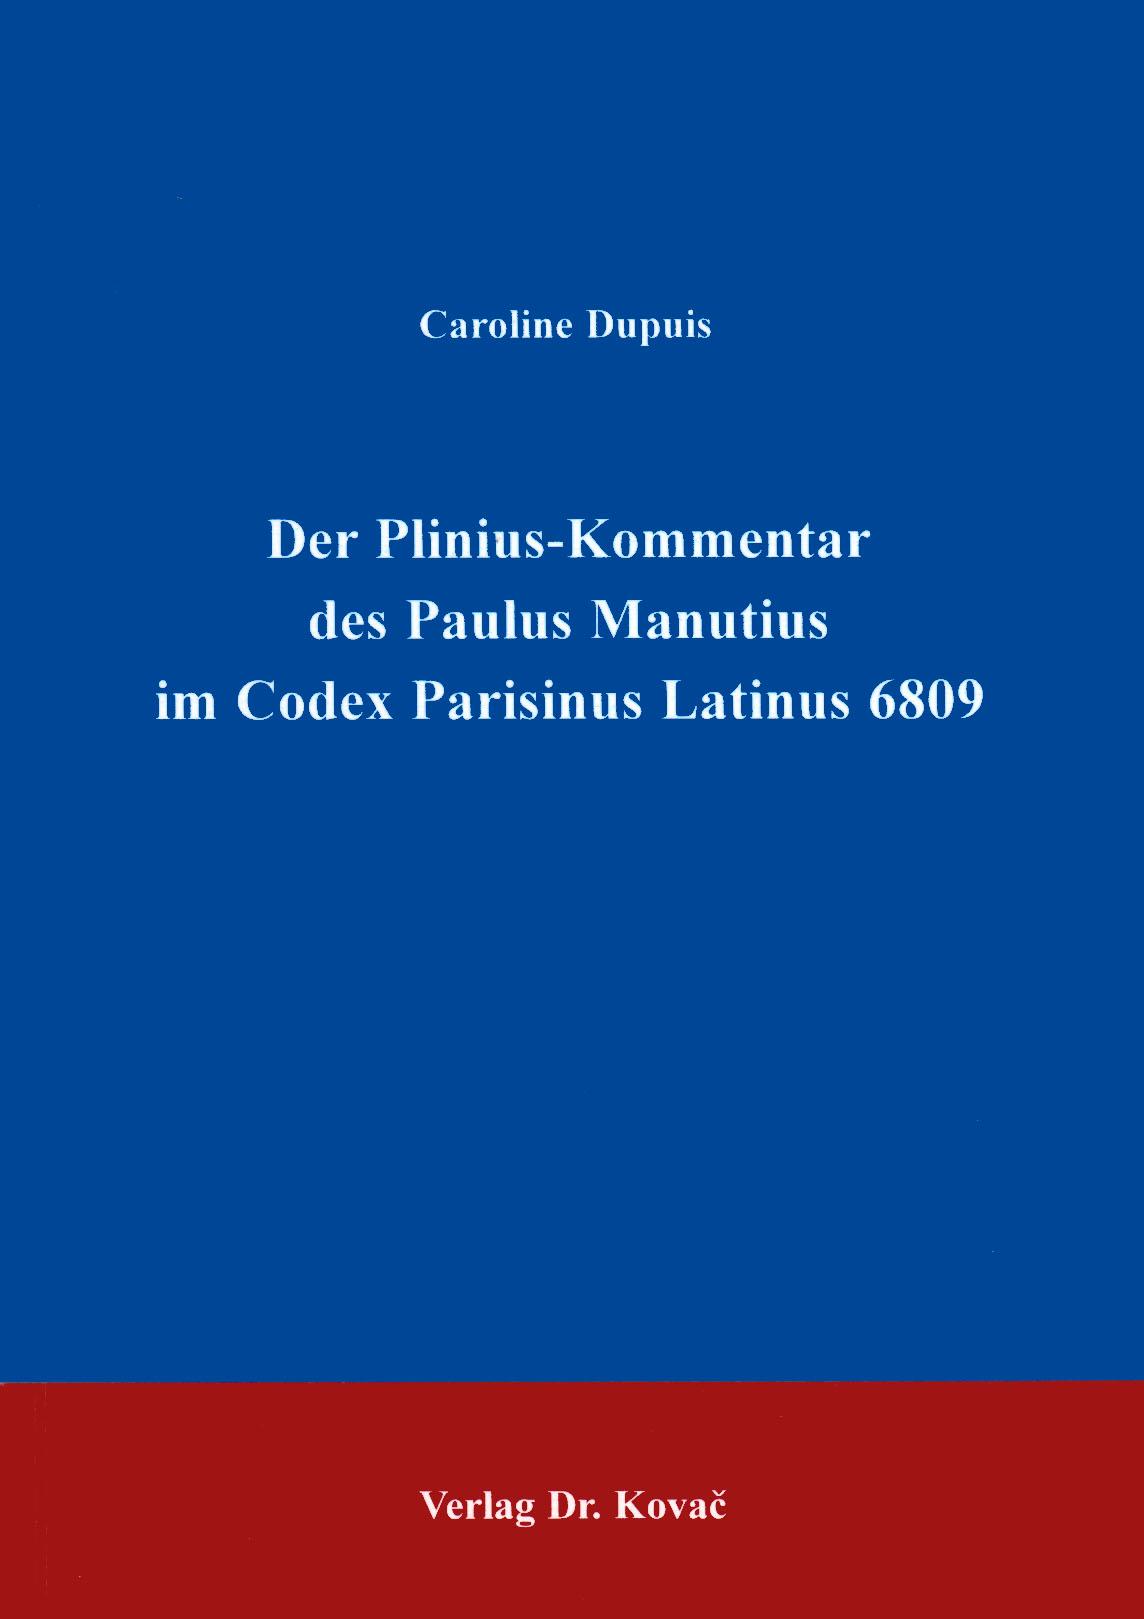 Cover: Der Plinius-Kommentar des Paulus Manutius im Codex Parisinus Latinus 6809